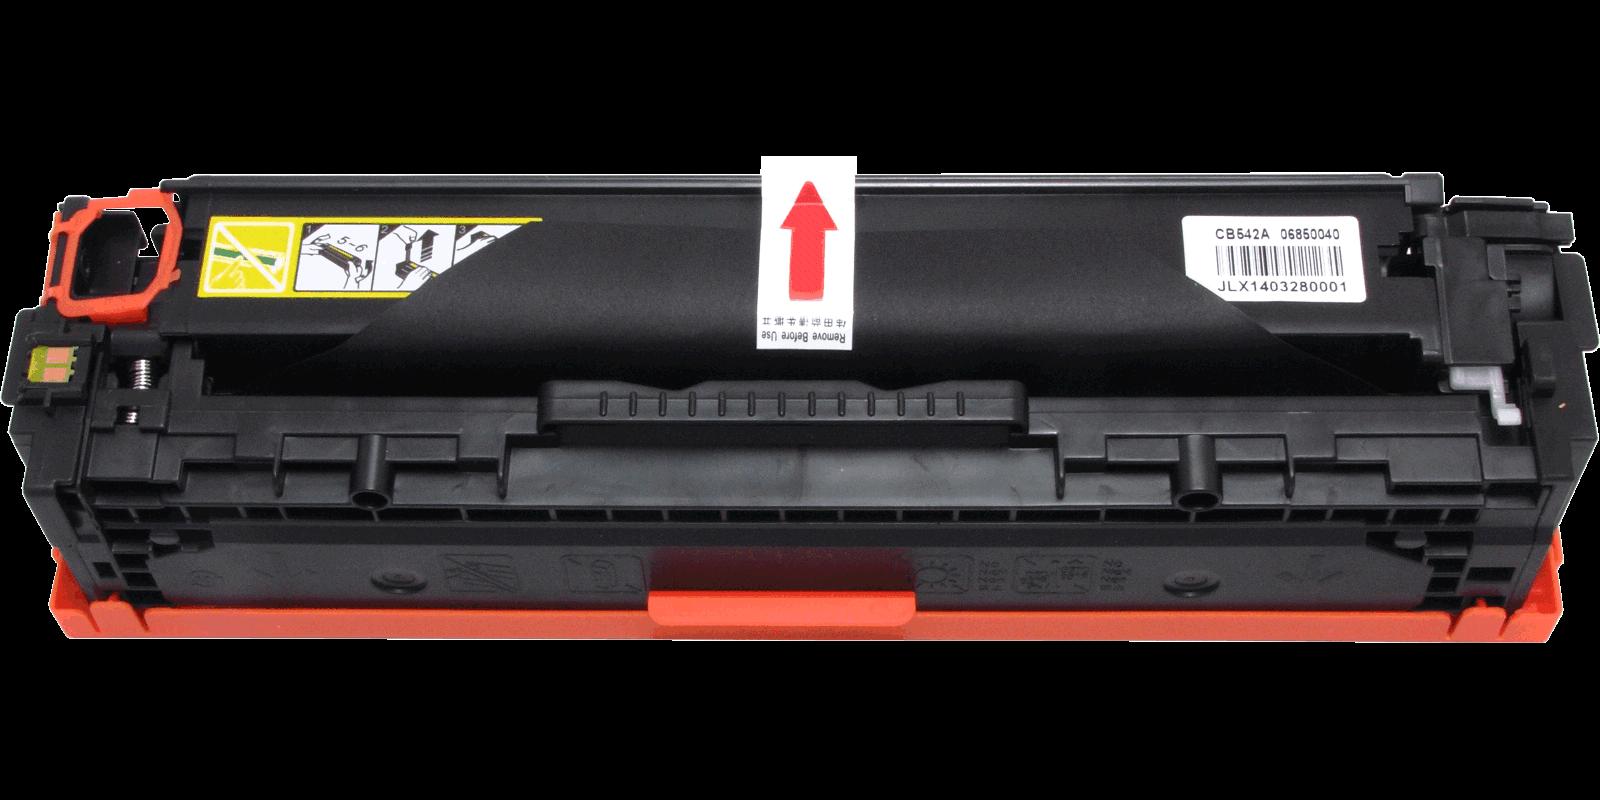 ULTRA №125A CB542A/Cartridge 316, 716, 416, 116 желтый (yellow), для HP/Canon, до 1400 стр.